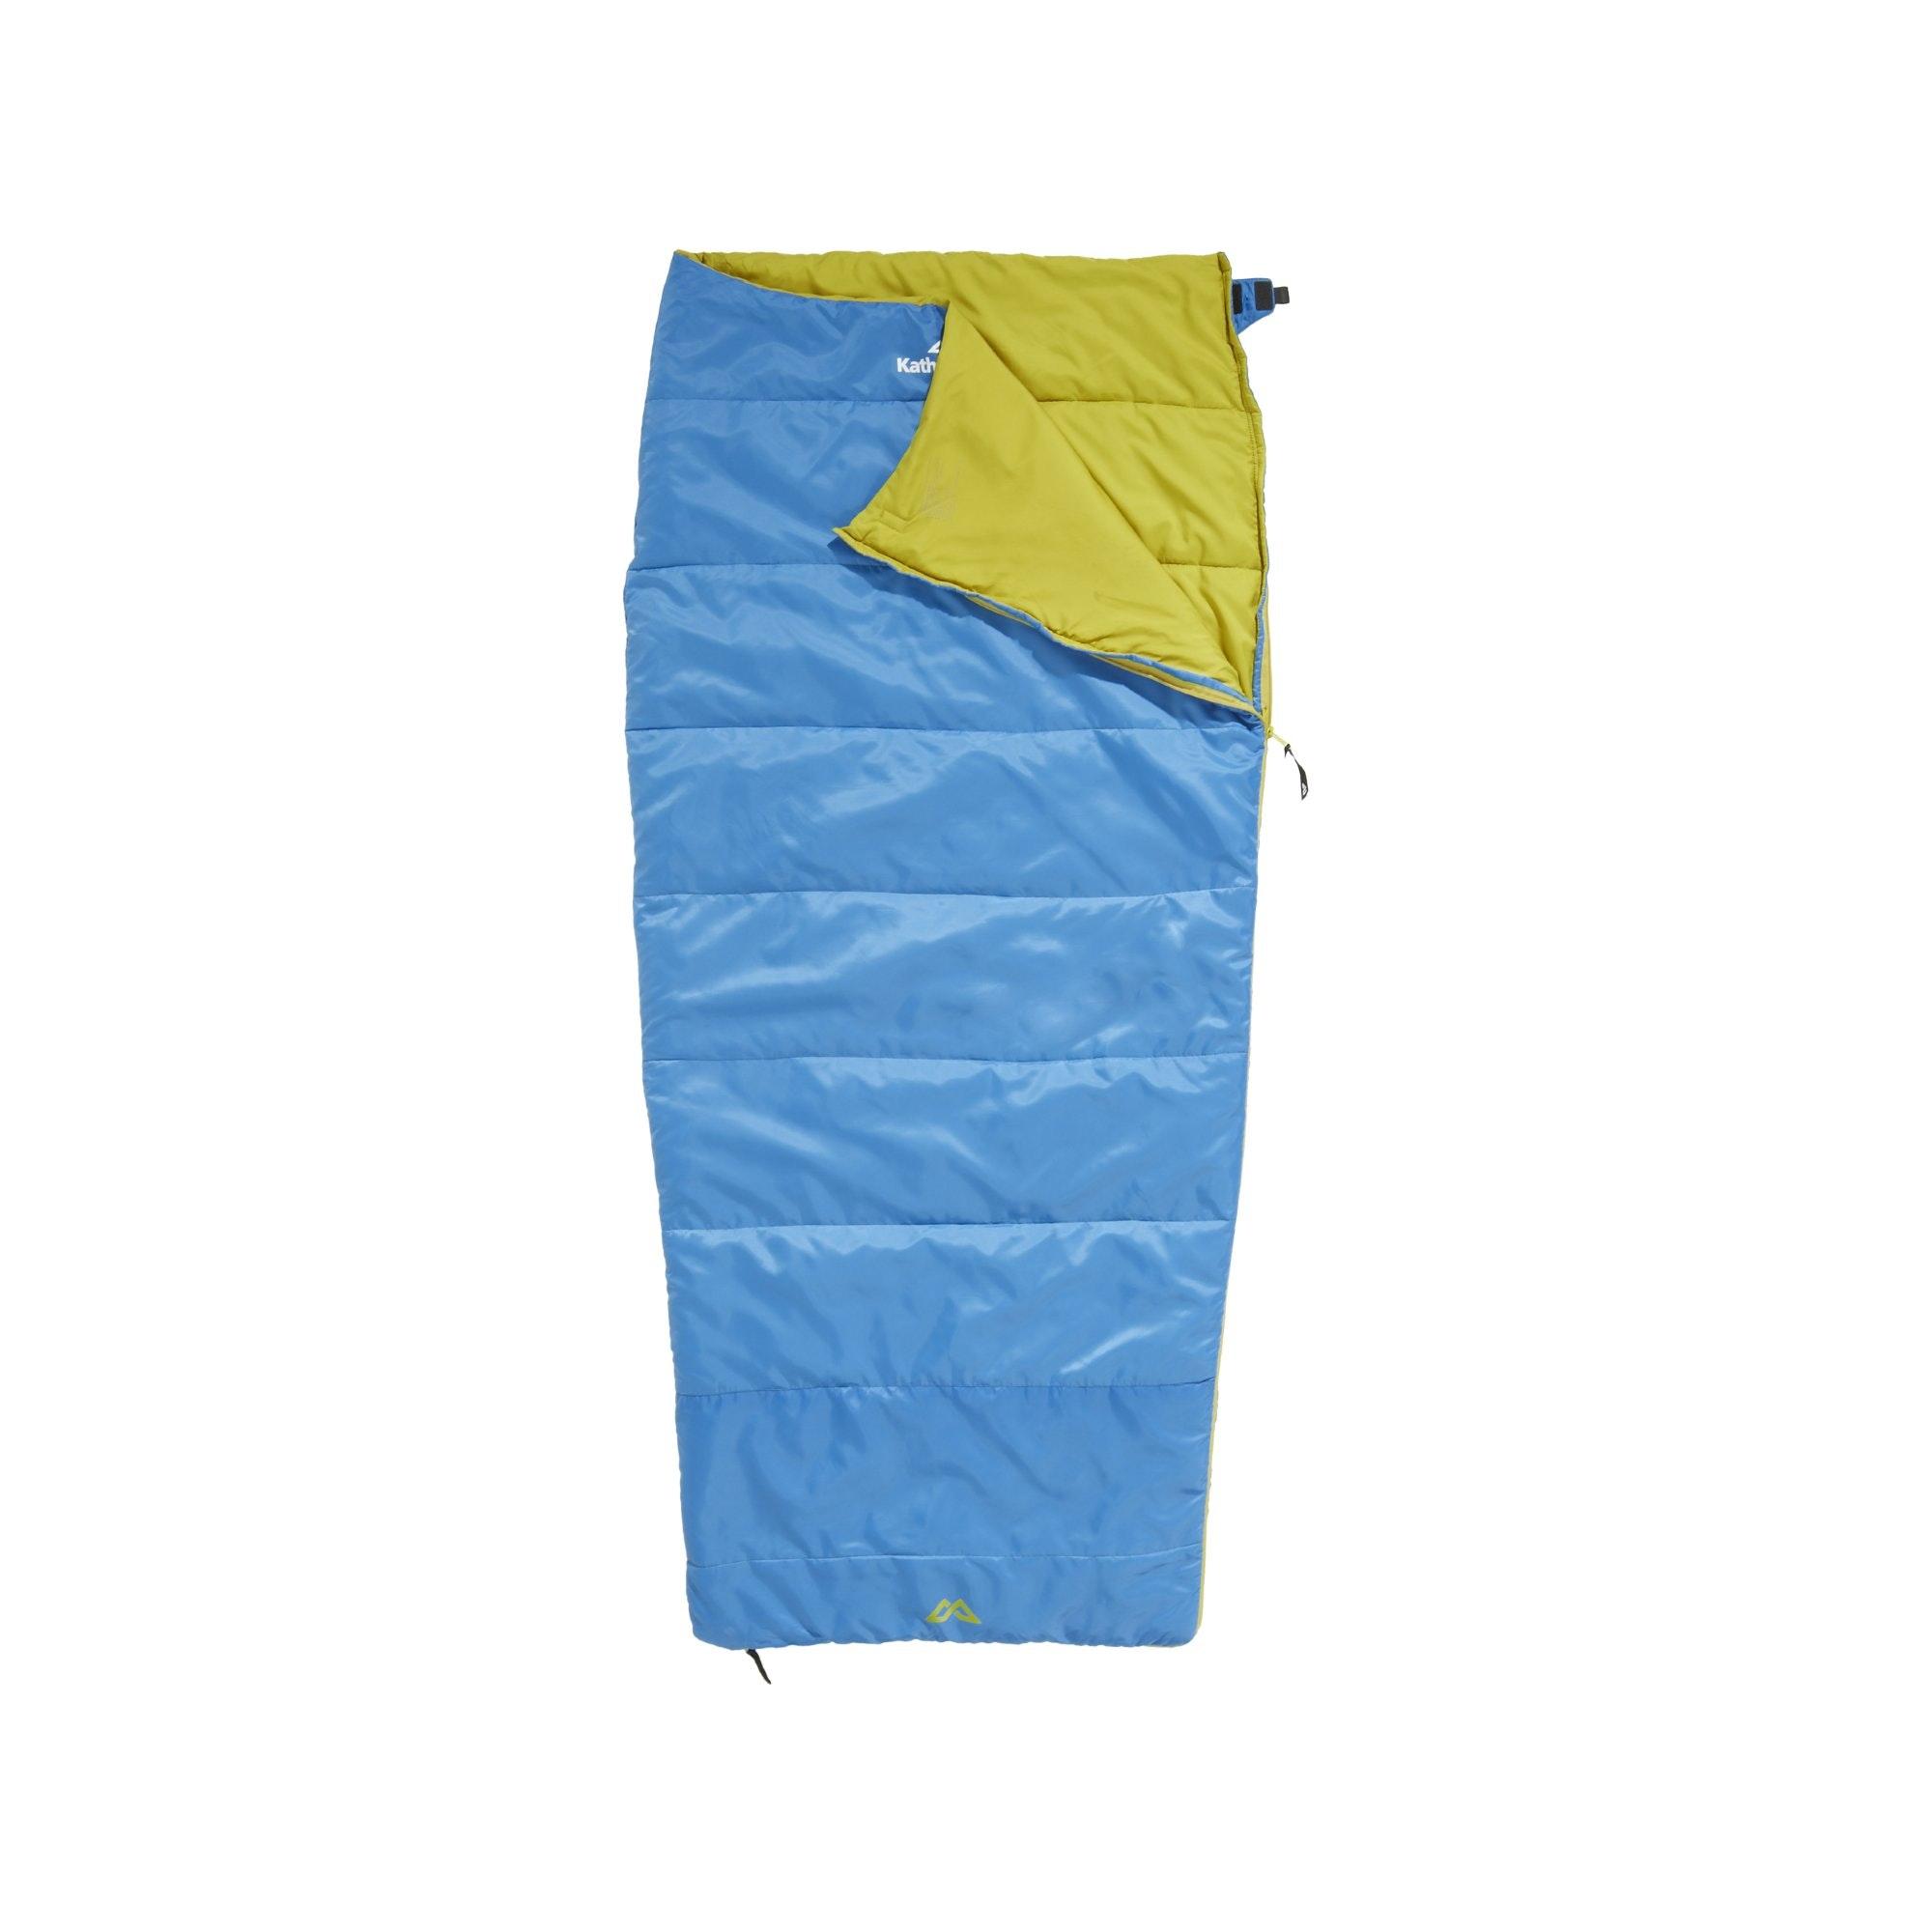 delta lightweight rectangular summer sleeping bag blue